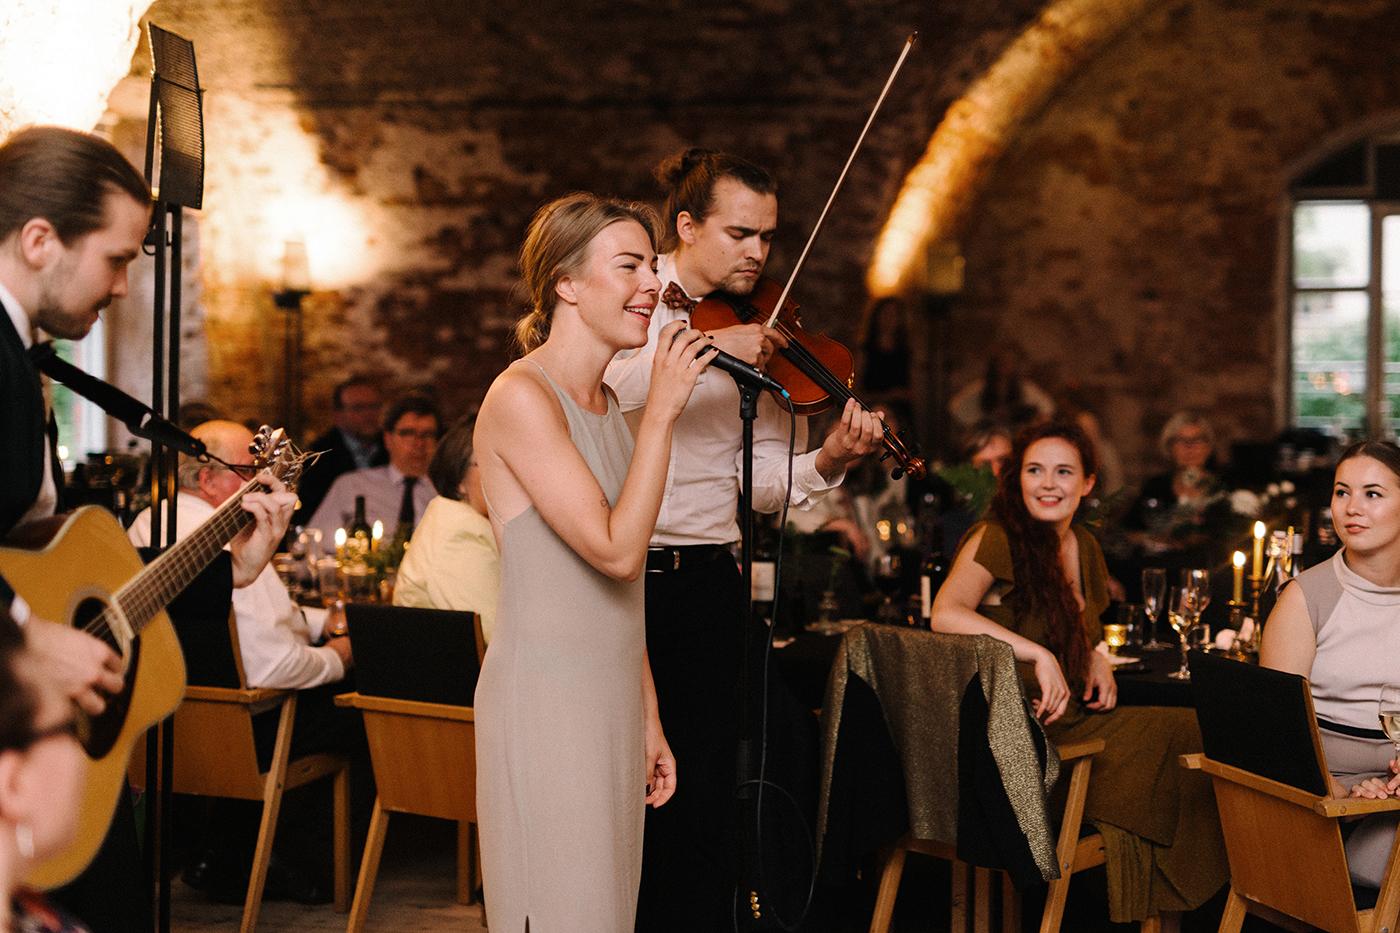 Indie Glam Wedding Tenalji von Fersen Suomenlinna (126).jpg